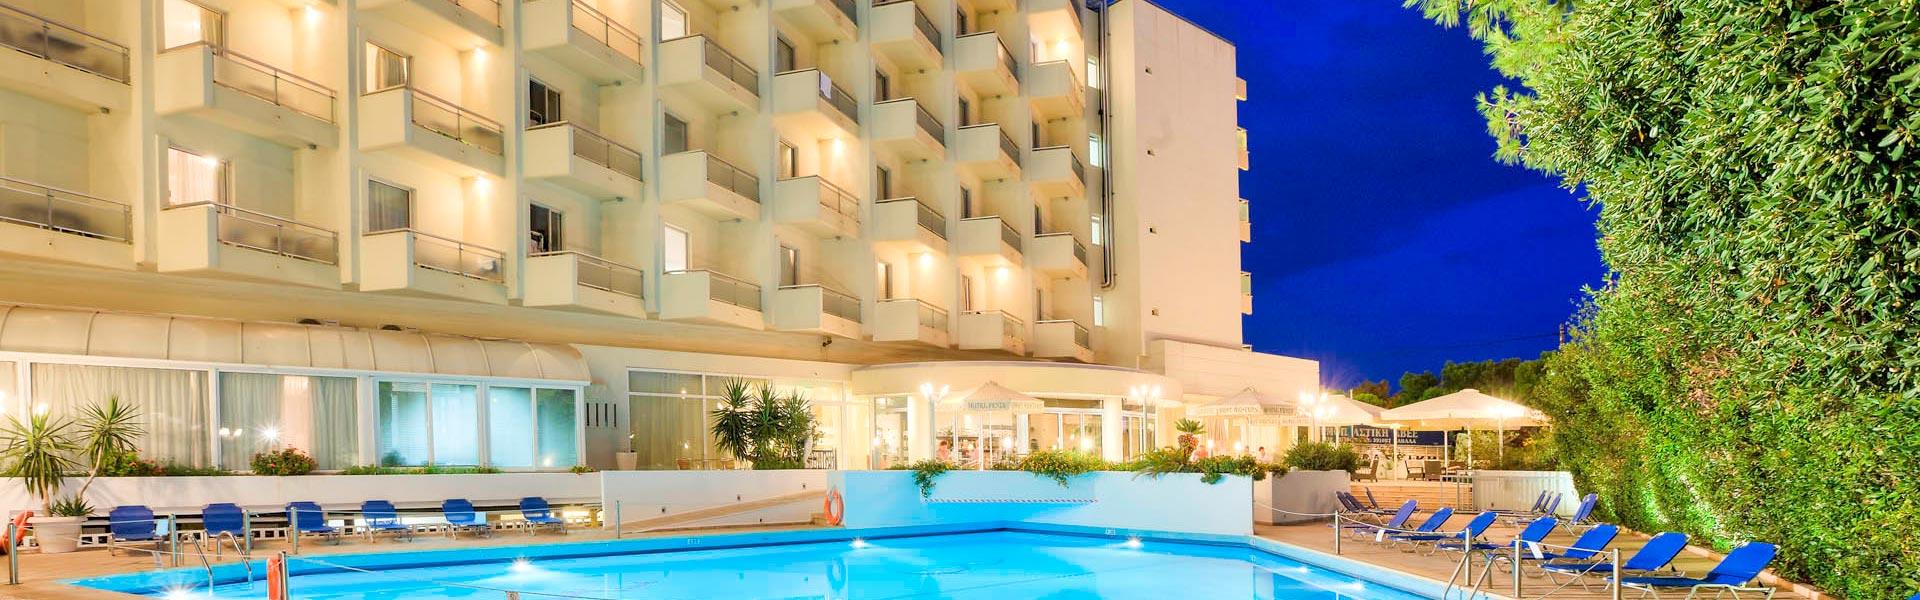 Best Western Fenix Hotel Glyfada